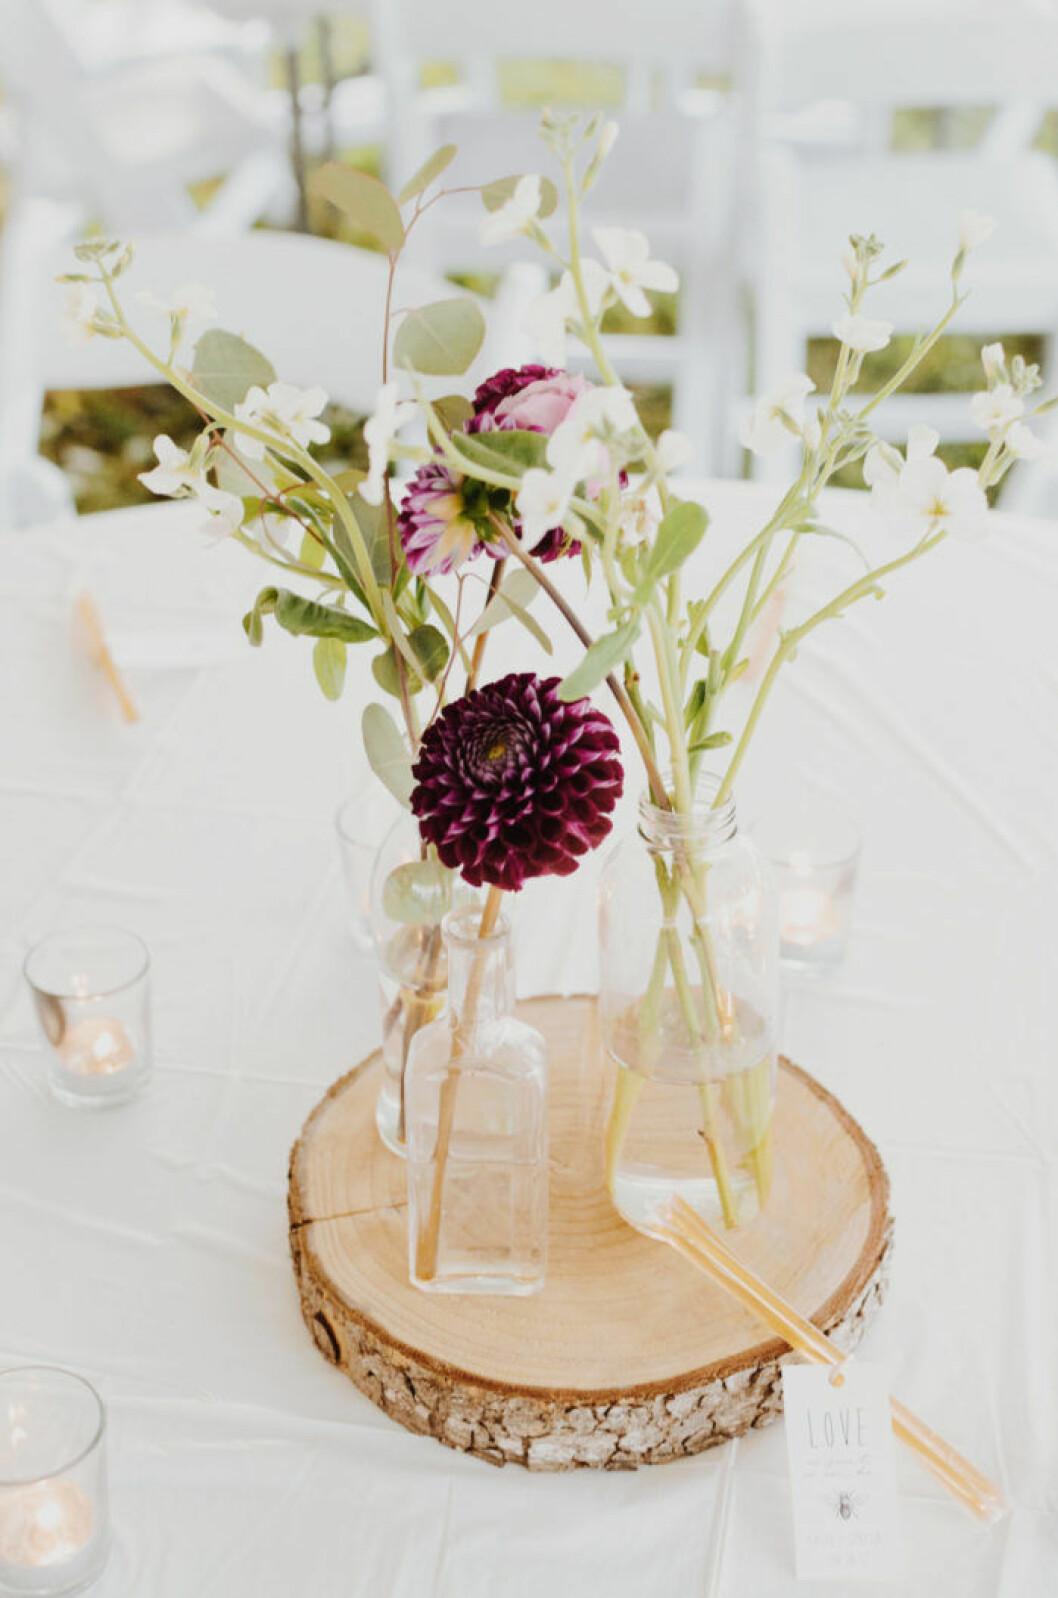 Ett minimalistiskt blomsterarrangemang är en fin detalj till sommarens fester